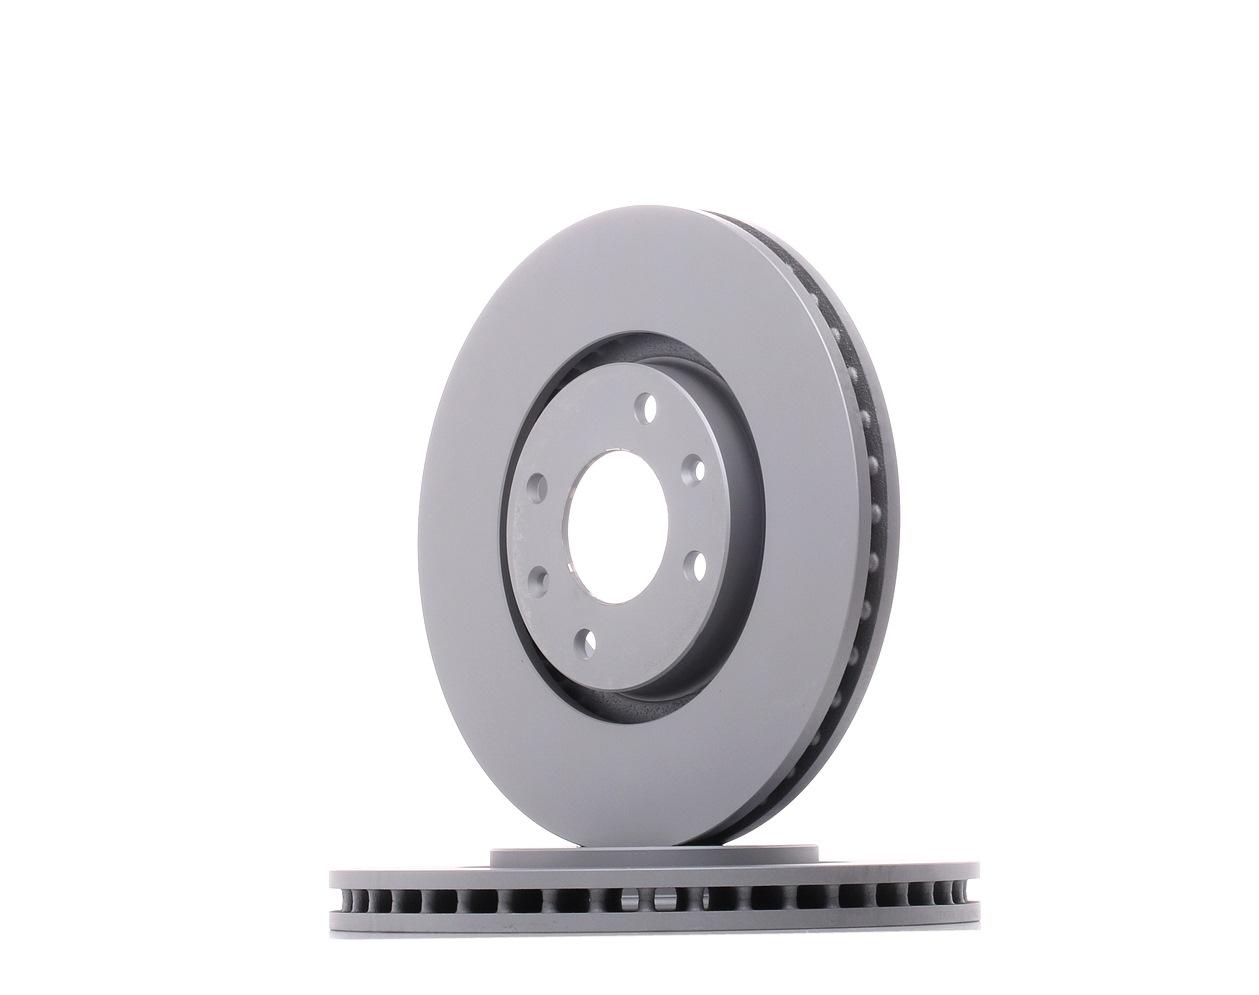 OPEL CORSA 2019 Bremsscheiben - Original TEXTAR 92111603 Ø: 283mm, Bremsscheibendicke: 26mm